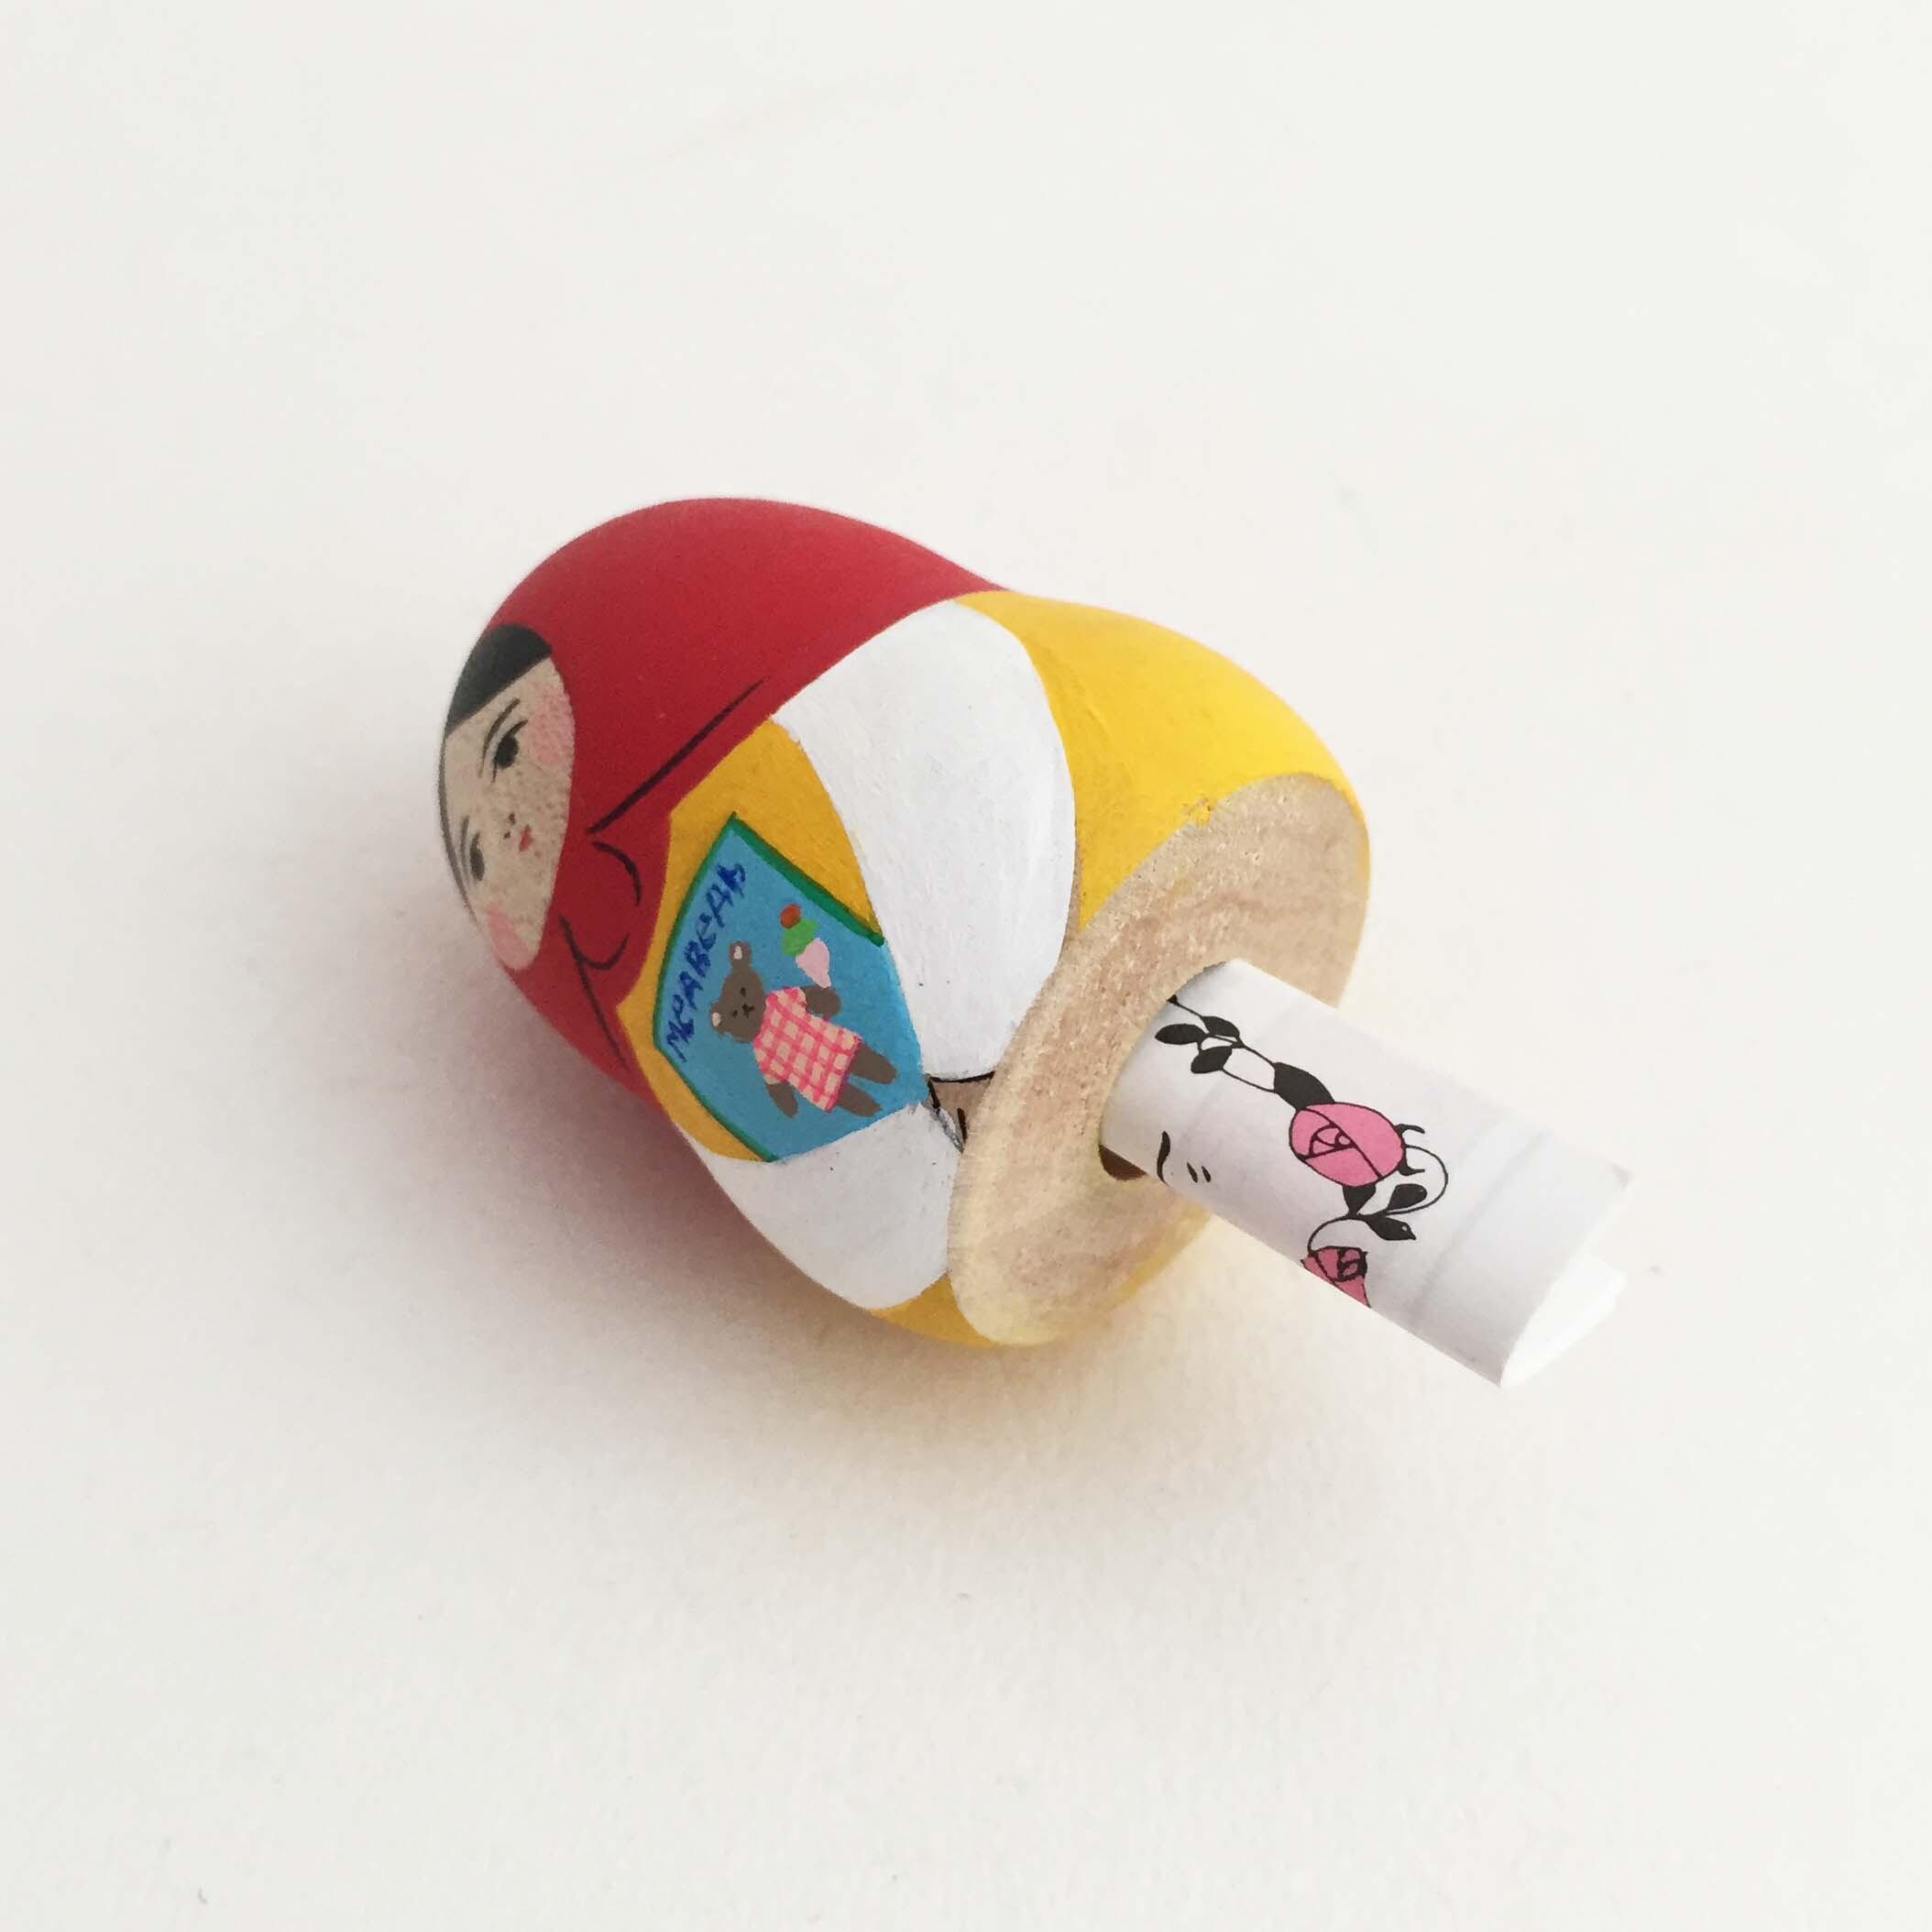 マトリョーナちゃん(花みくじ付き木地玩具)